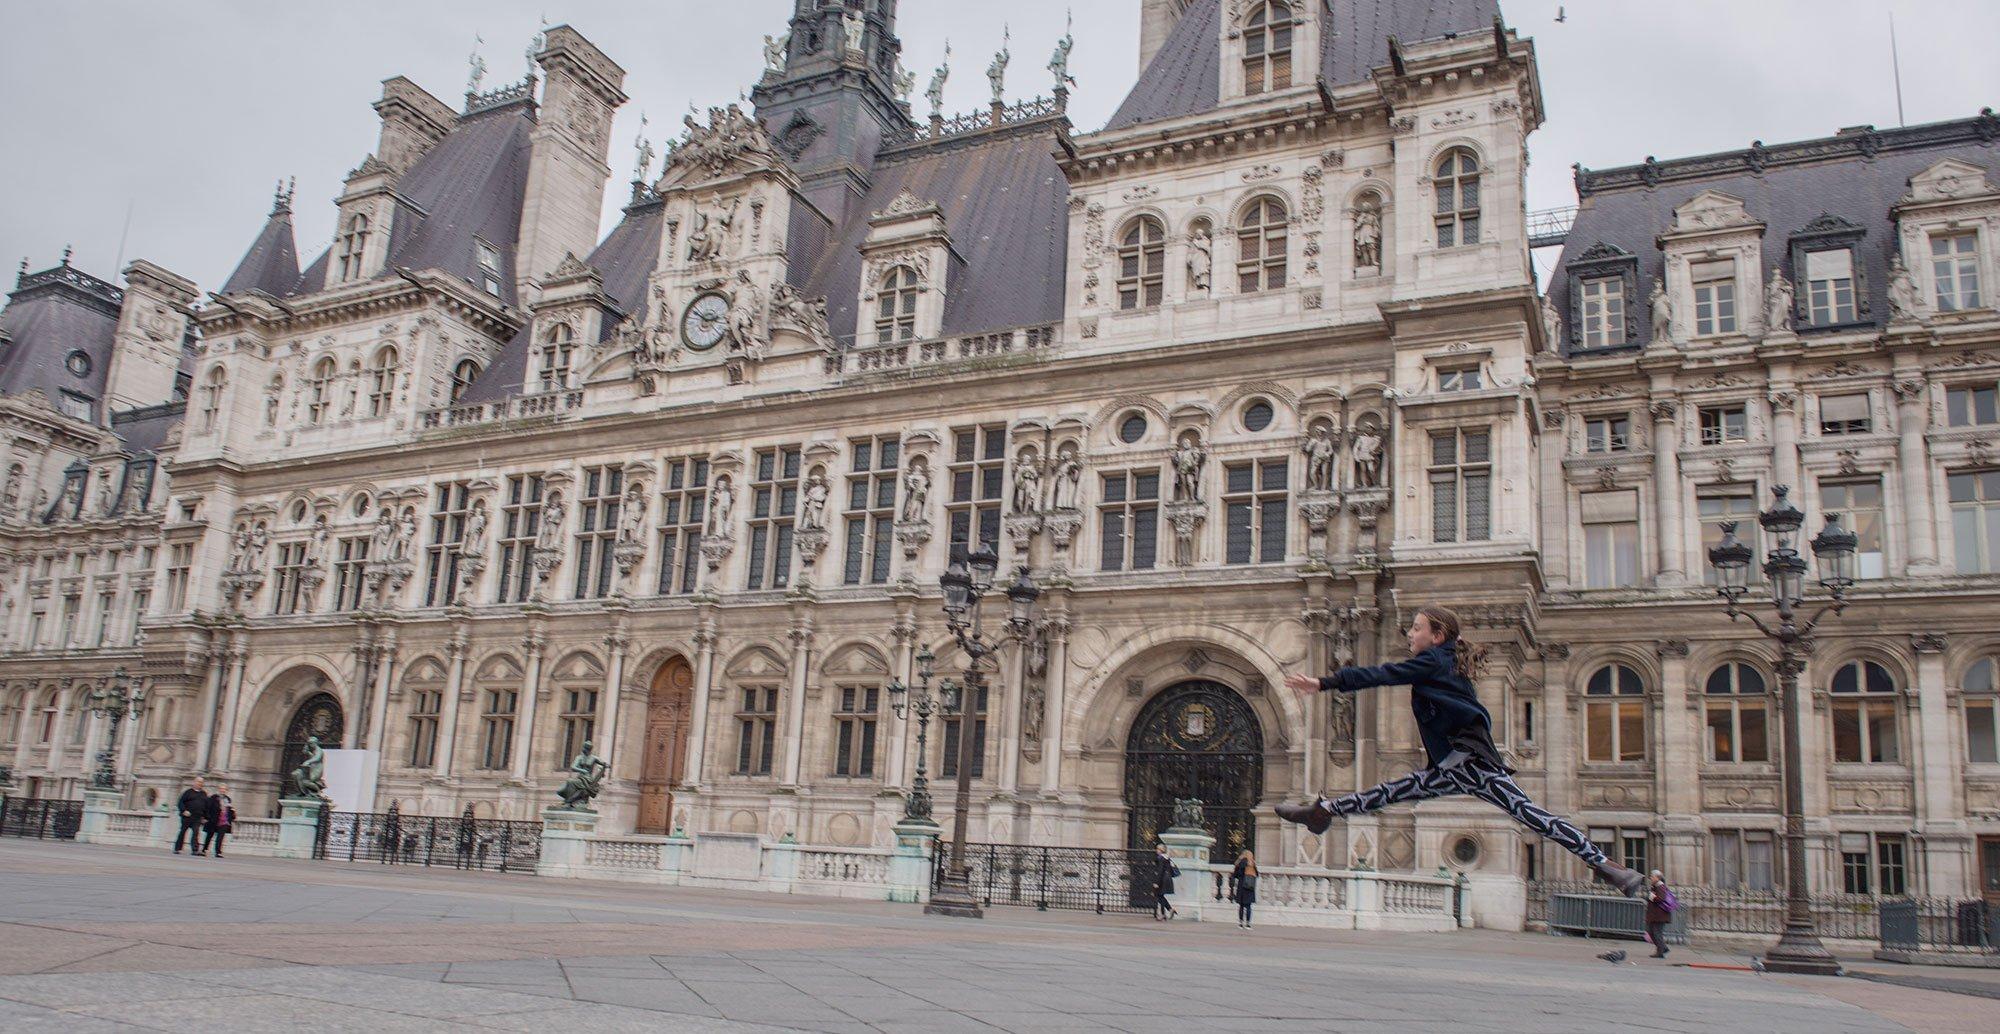 Hotel de ville paris tripshooter for Hotel deville paris